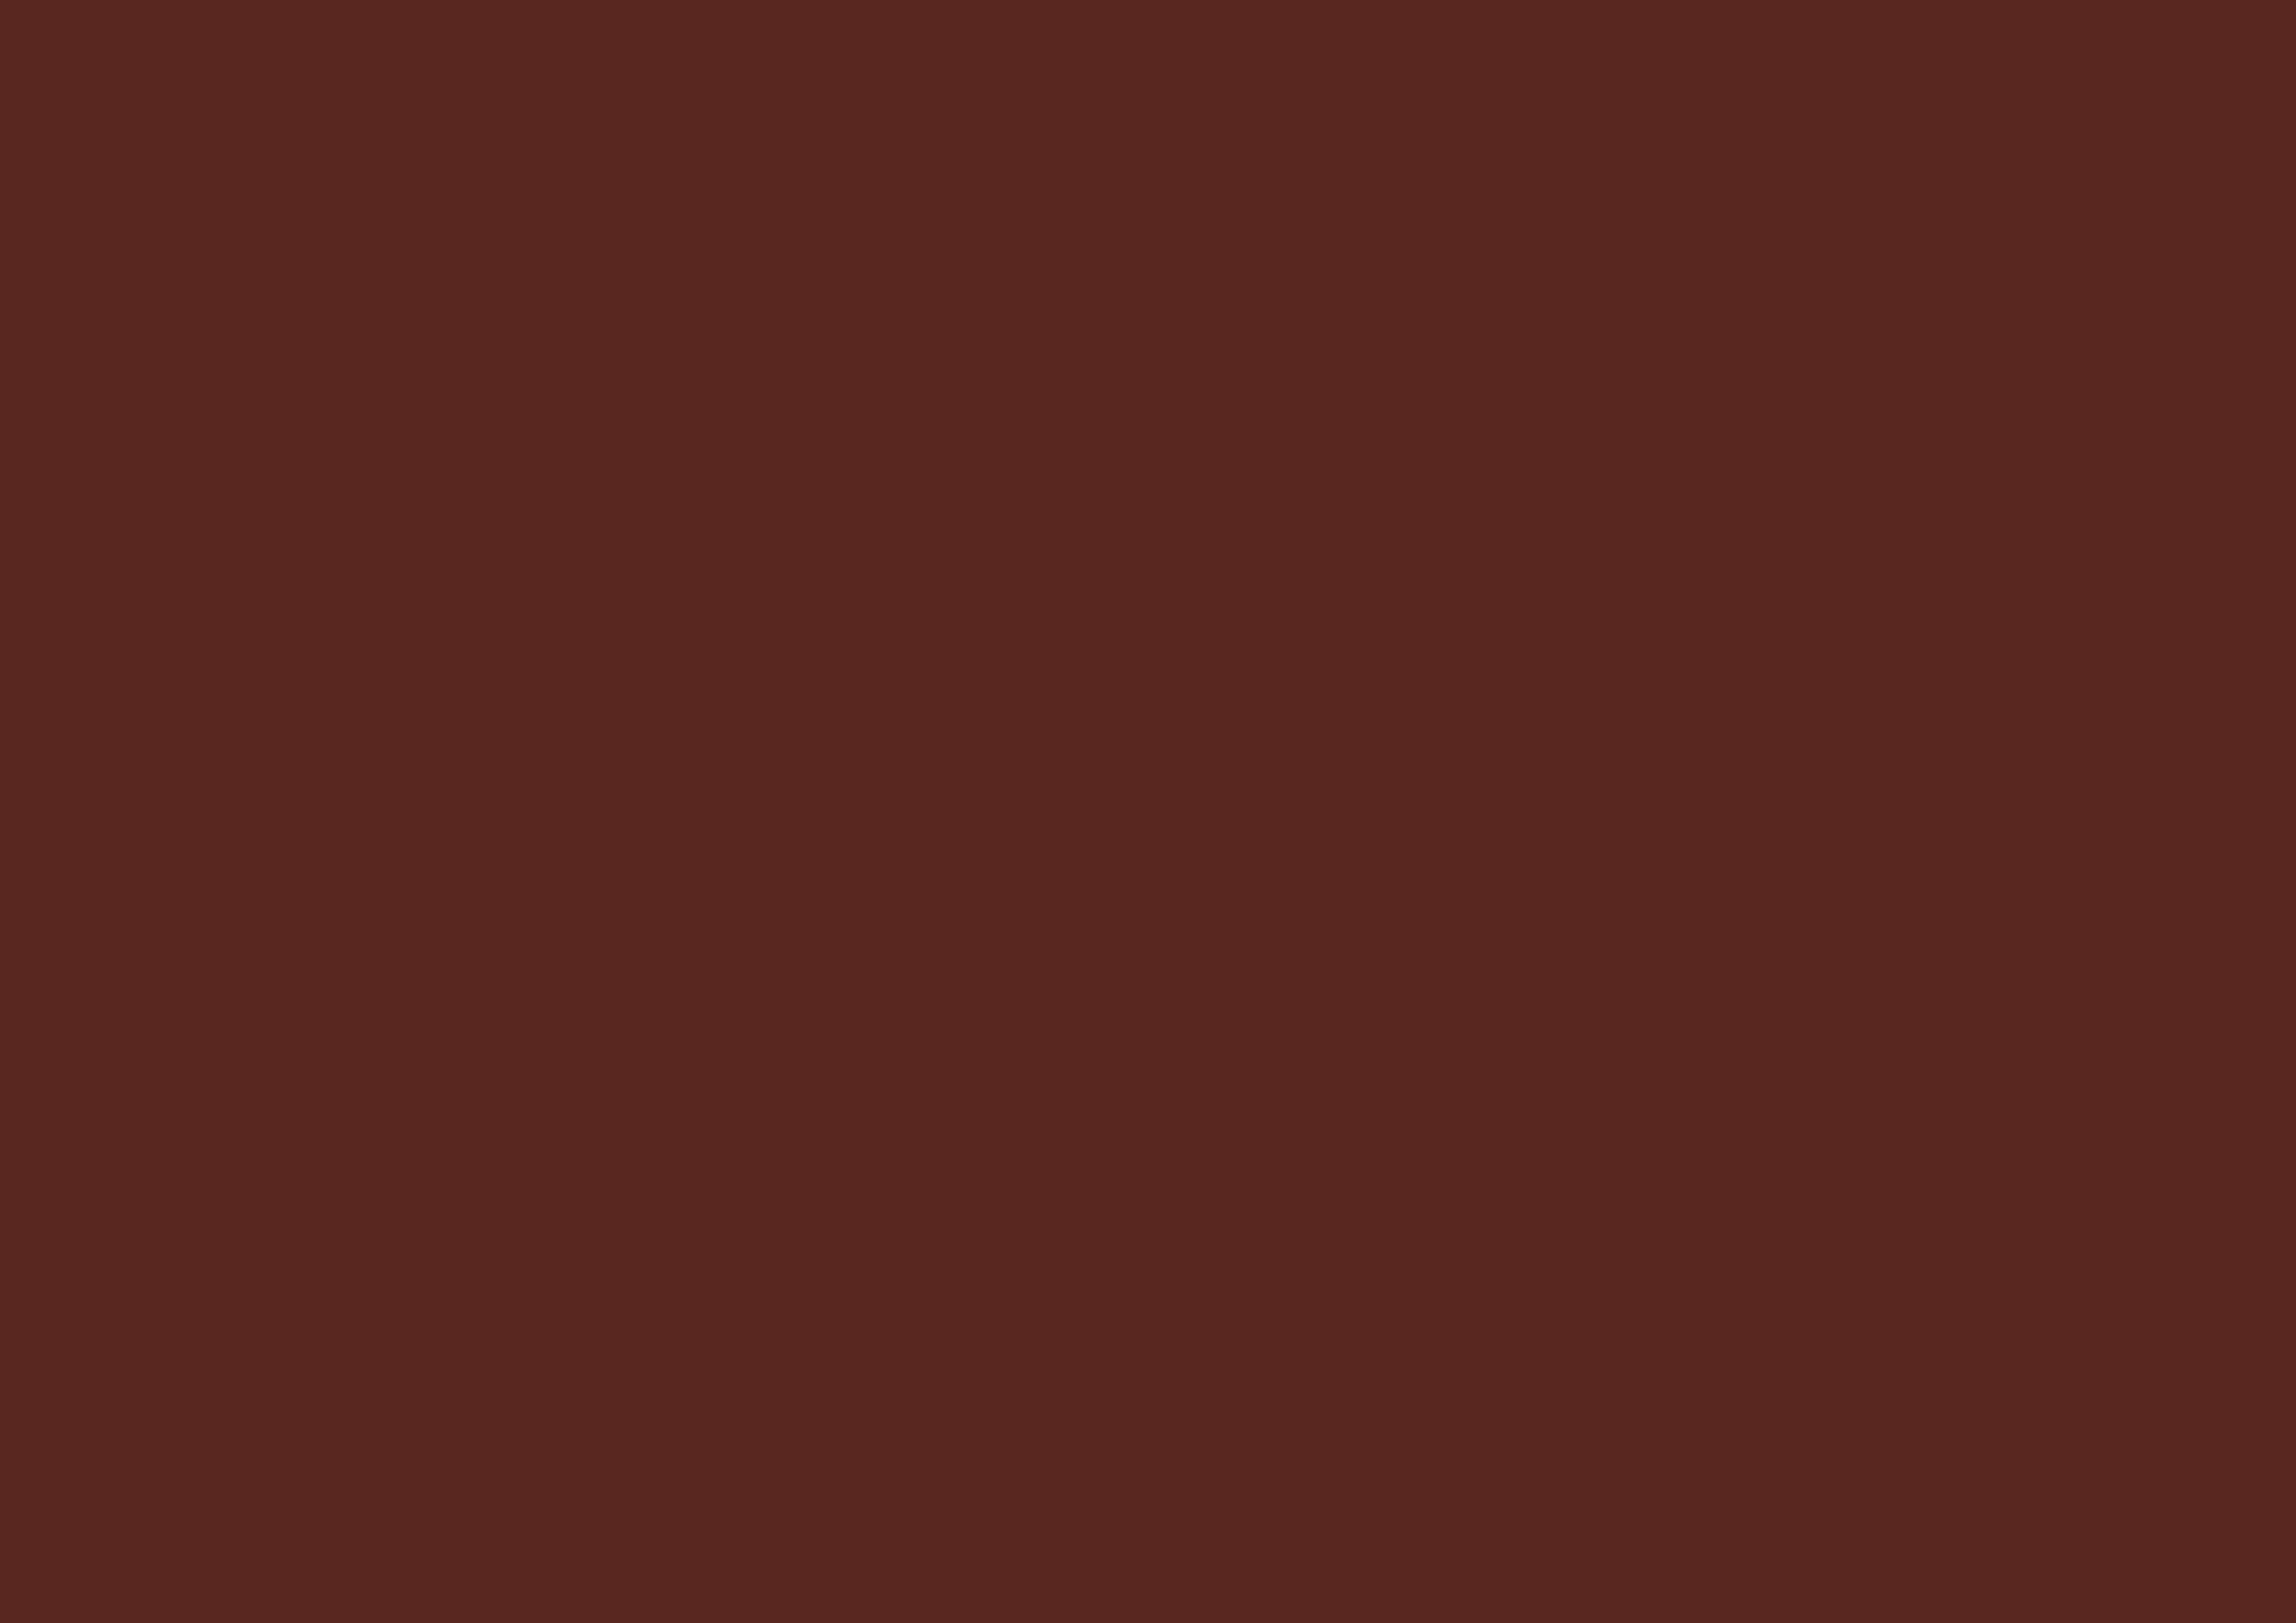 3508x2480 Caput Mortuum Solid Color Background